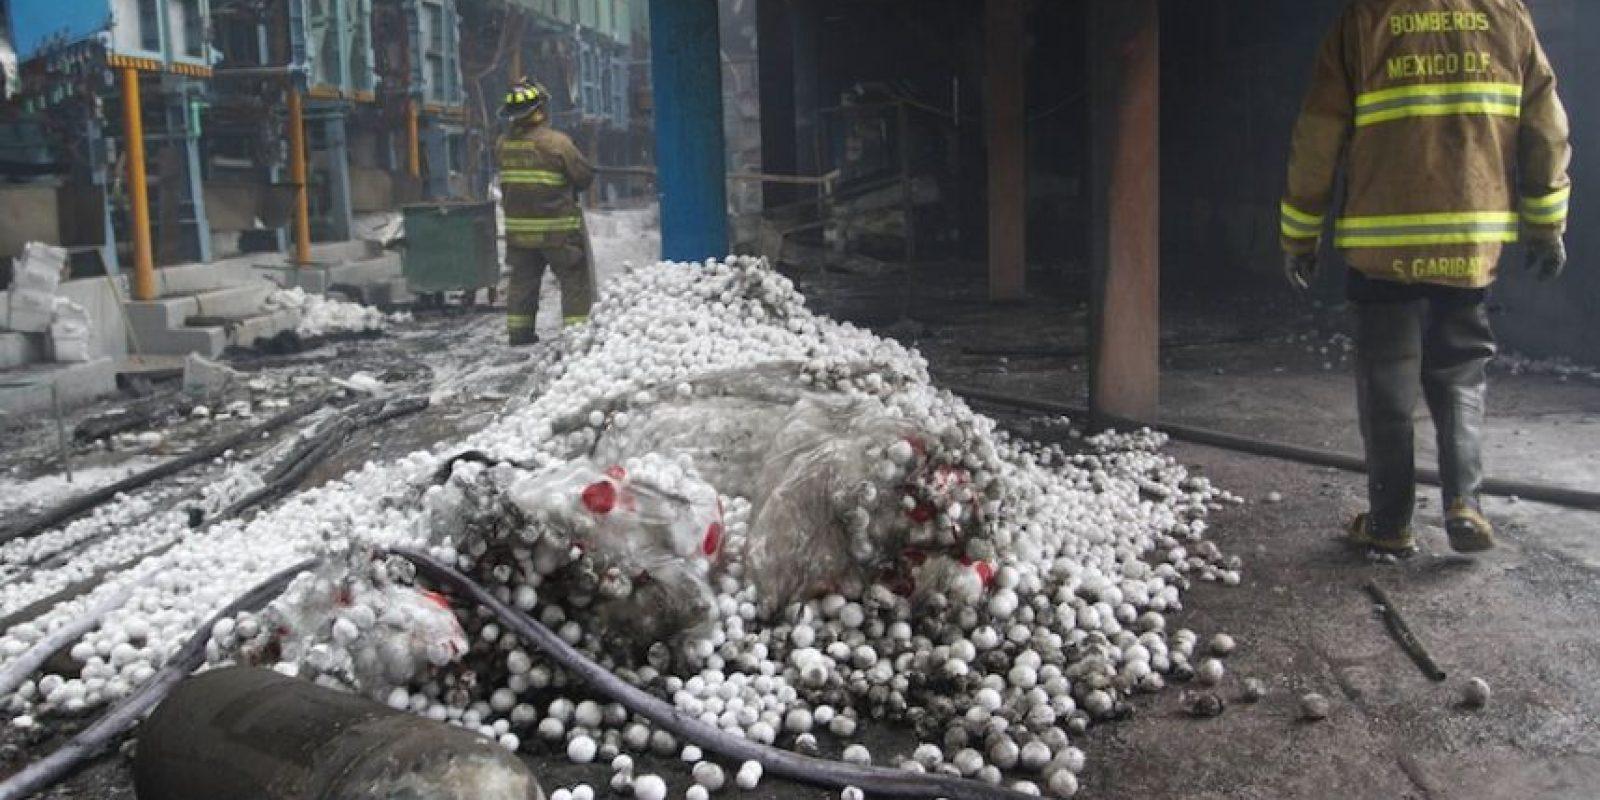 Se registra incendio en bodega de plásticos